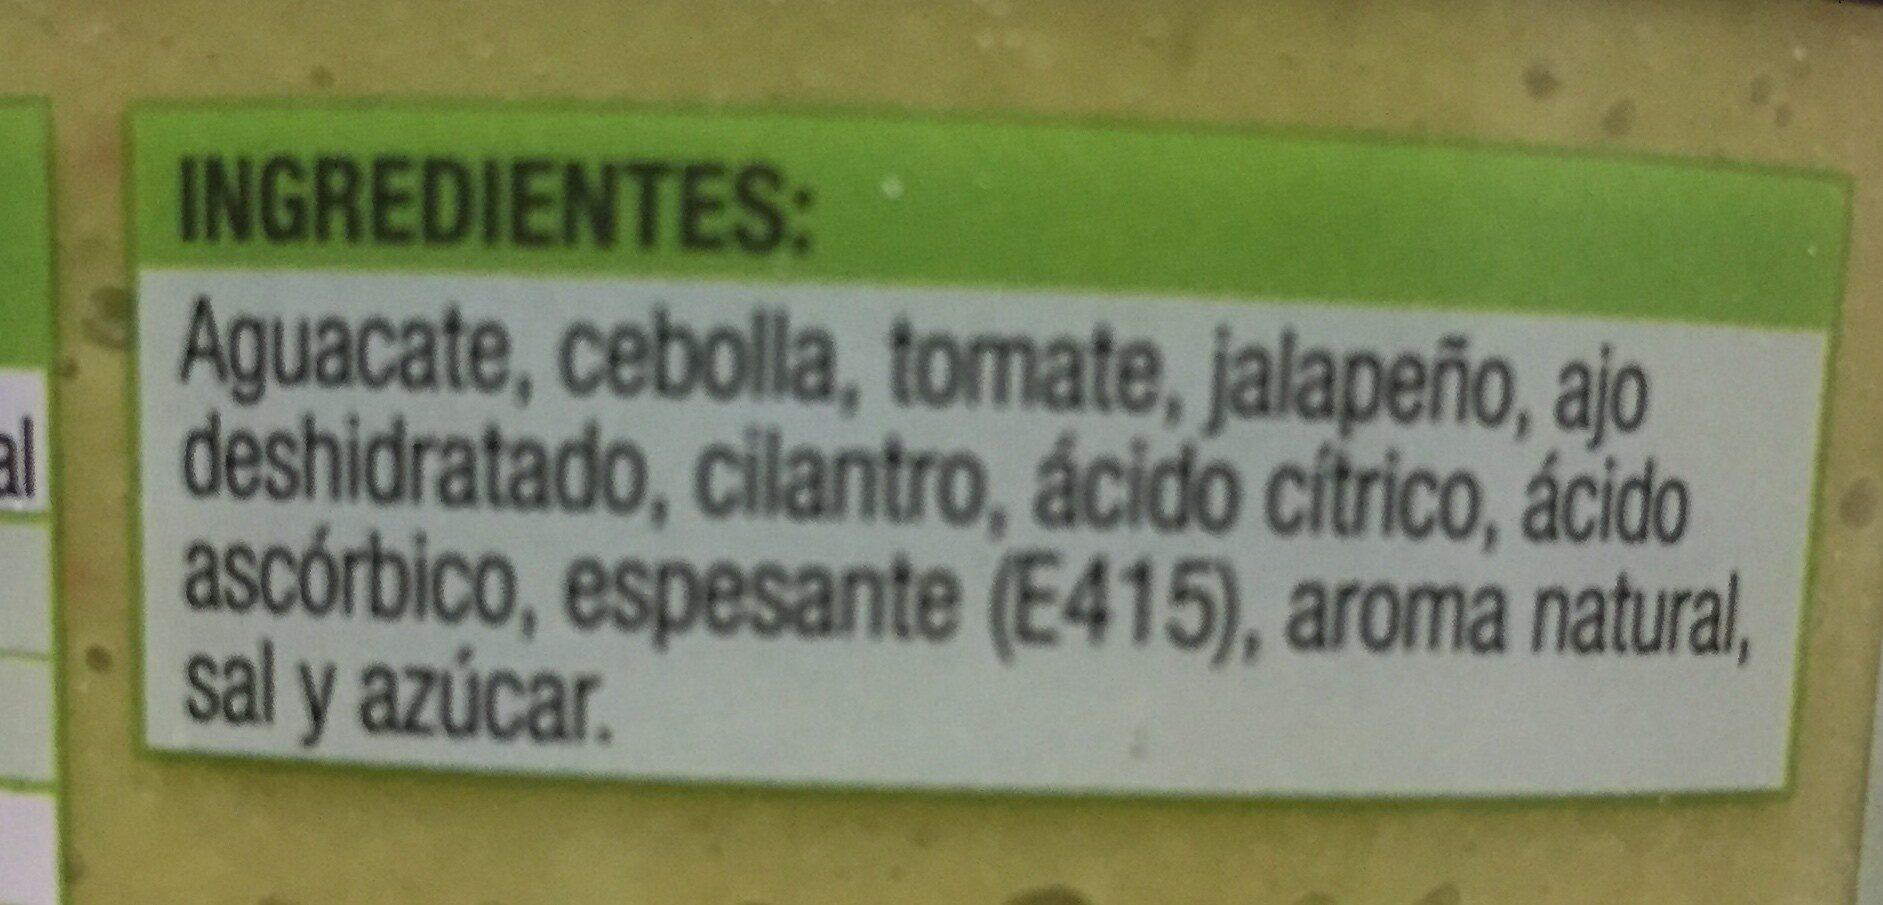 Guacamole elaboración artesanal tarrina - Ingredientes